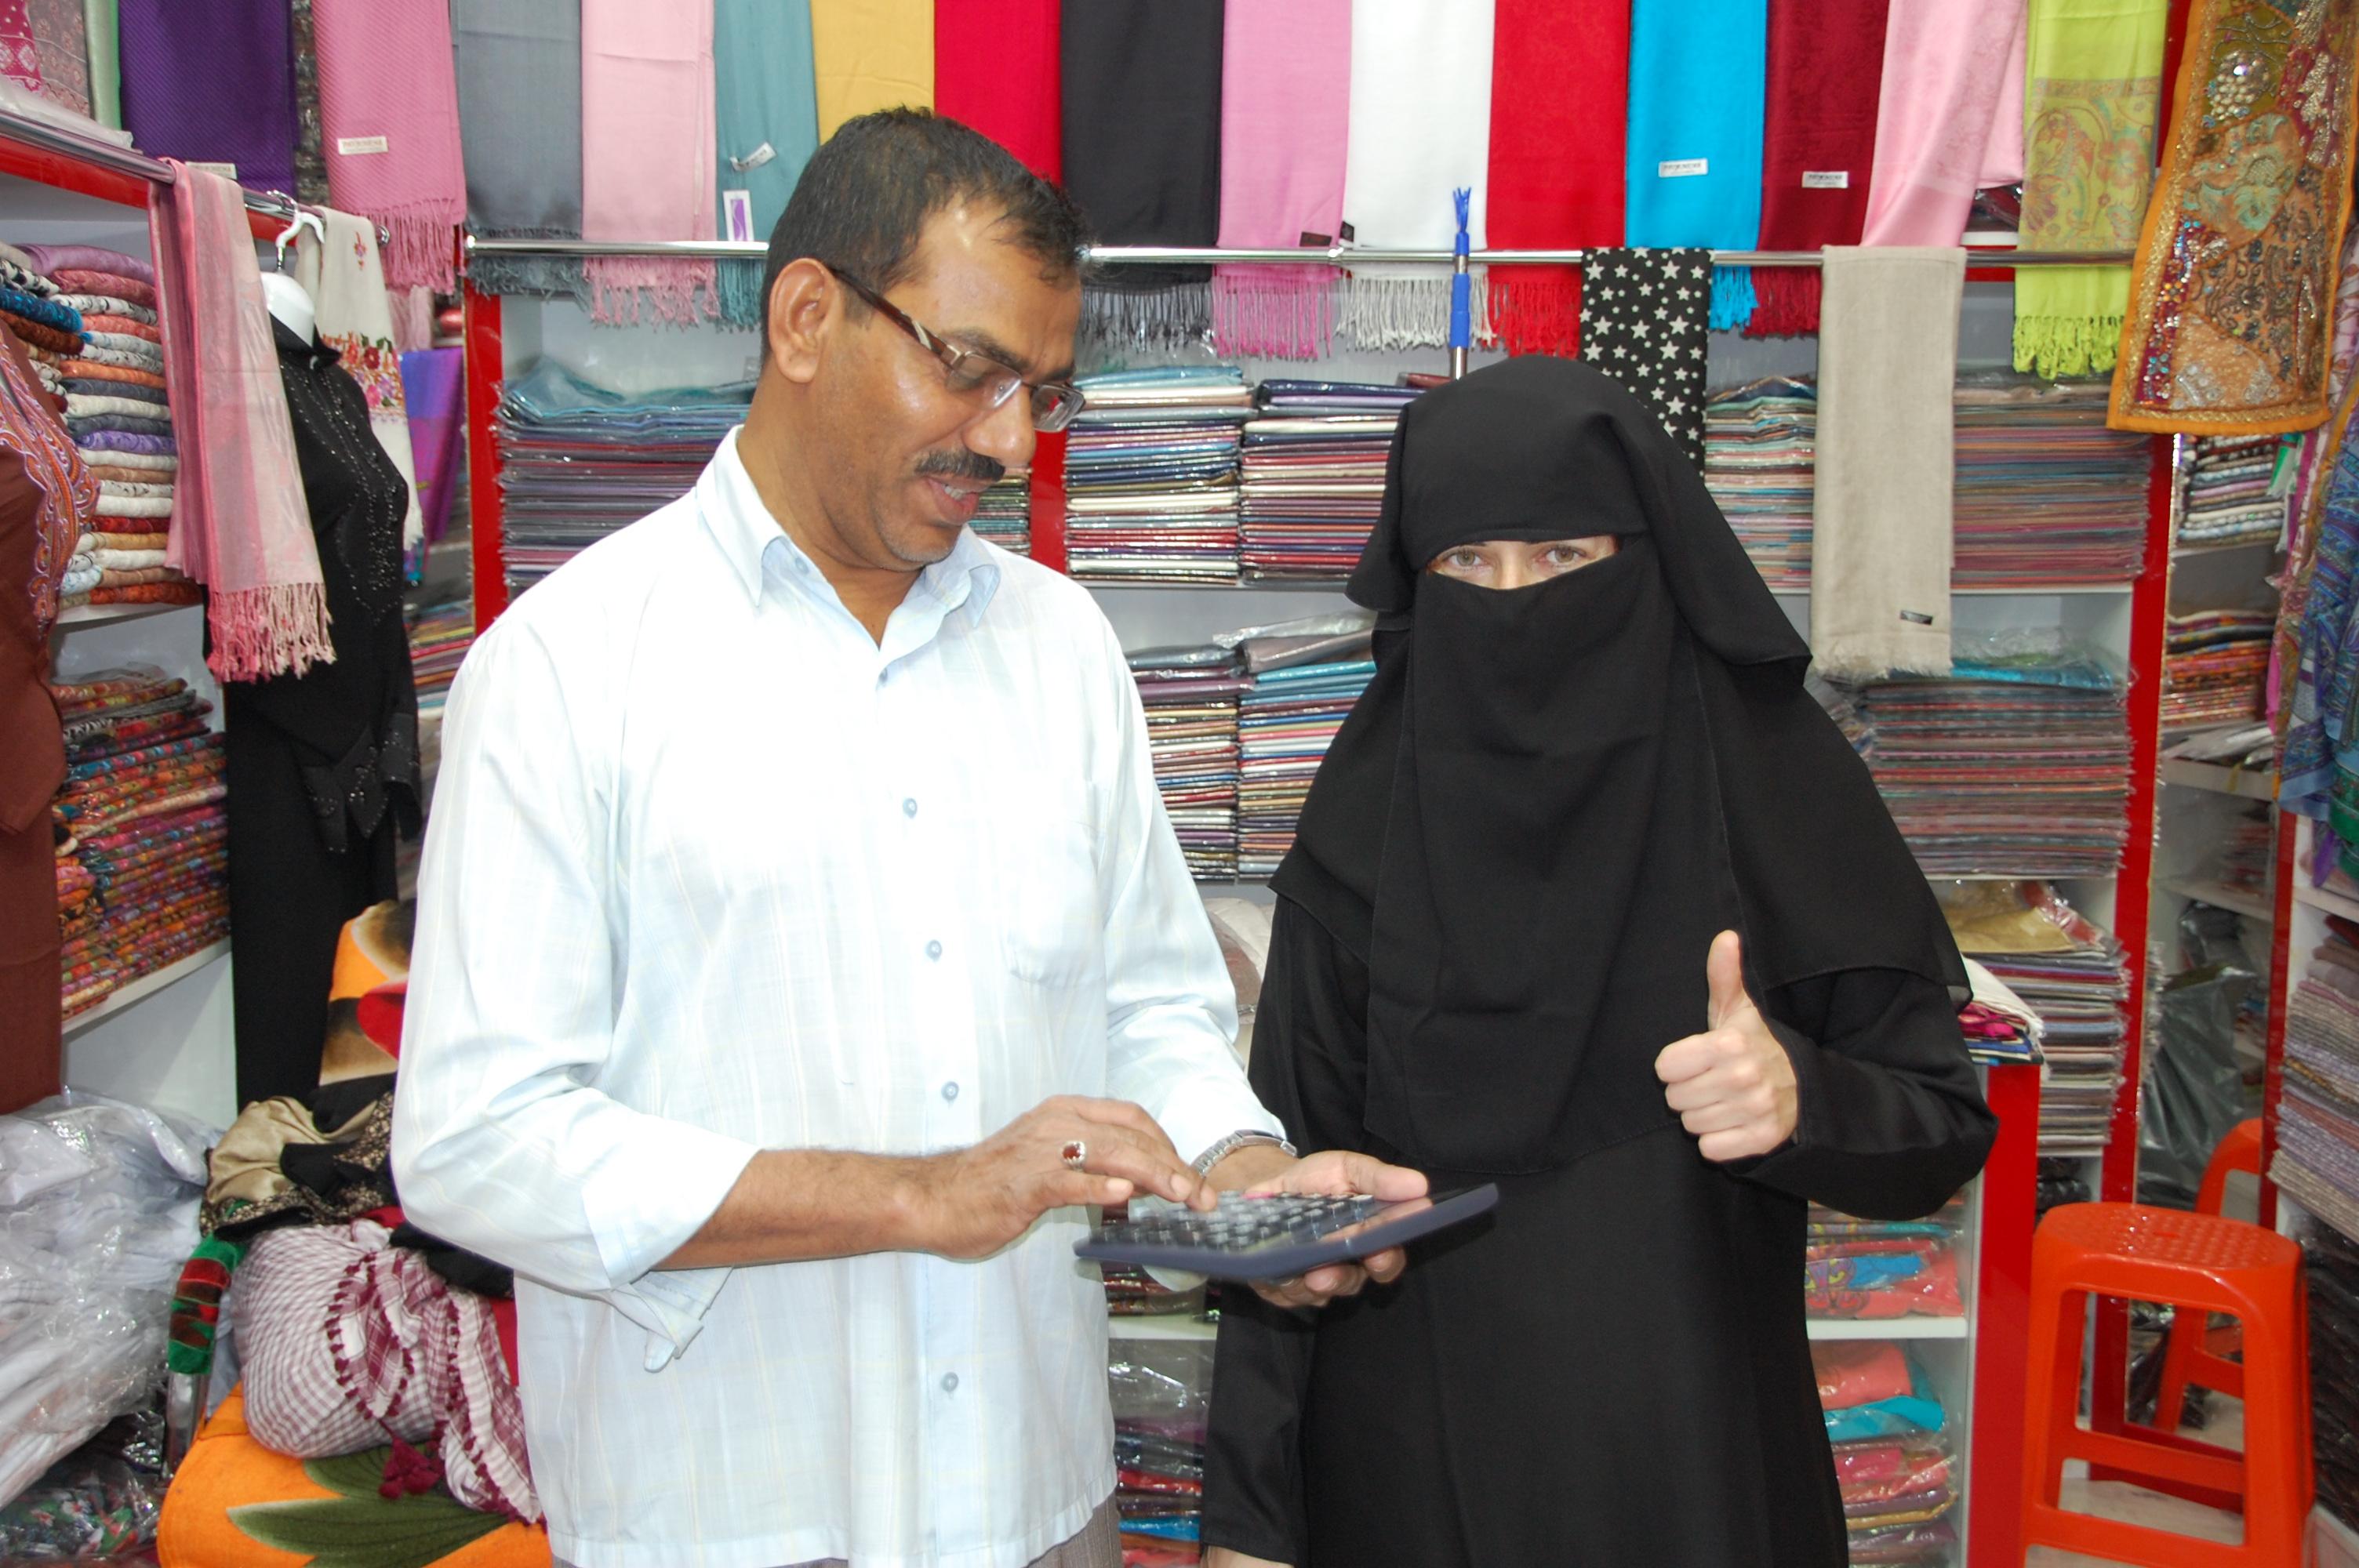 Il mio reportage tra le donne di Abu Dhabi, vestita con burqa e abaya (sul FattoQuotidiano)